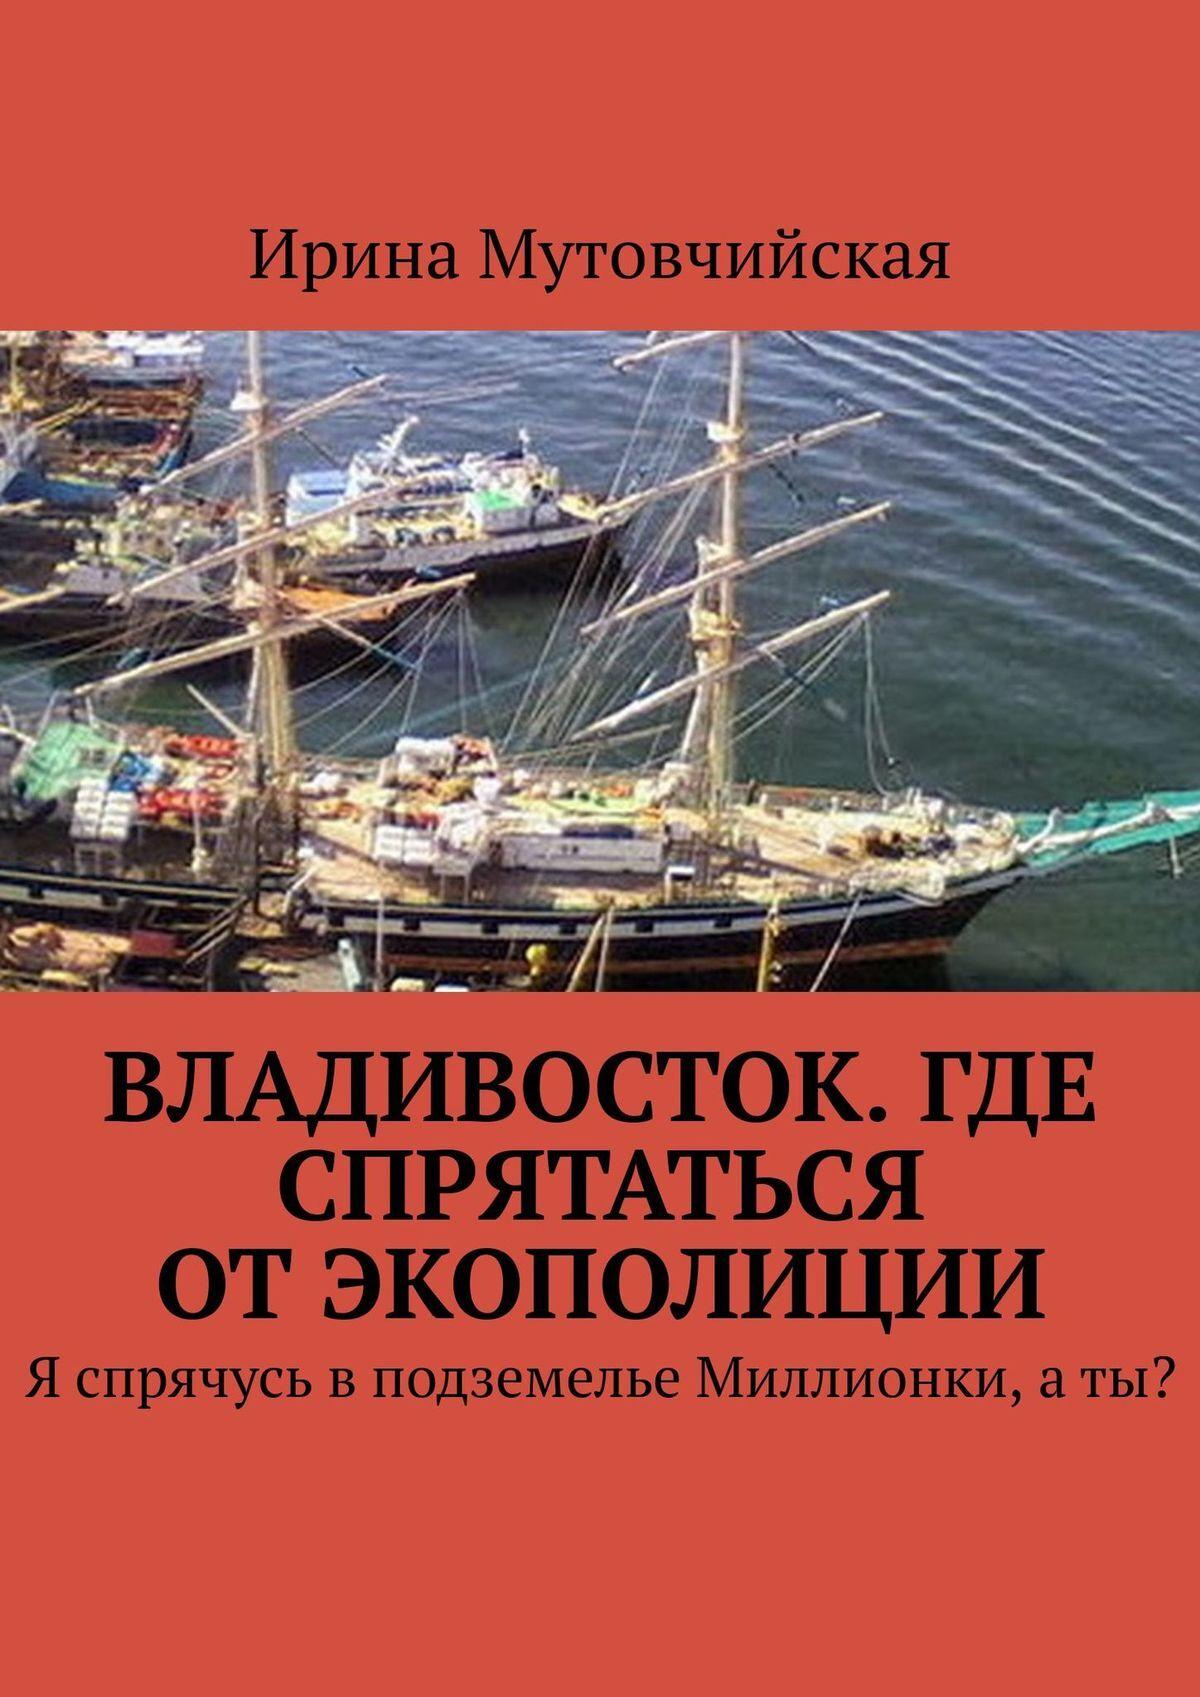 Владивосток. Экологическая полиция. Хайшенвей. Миллионка